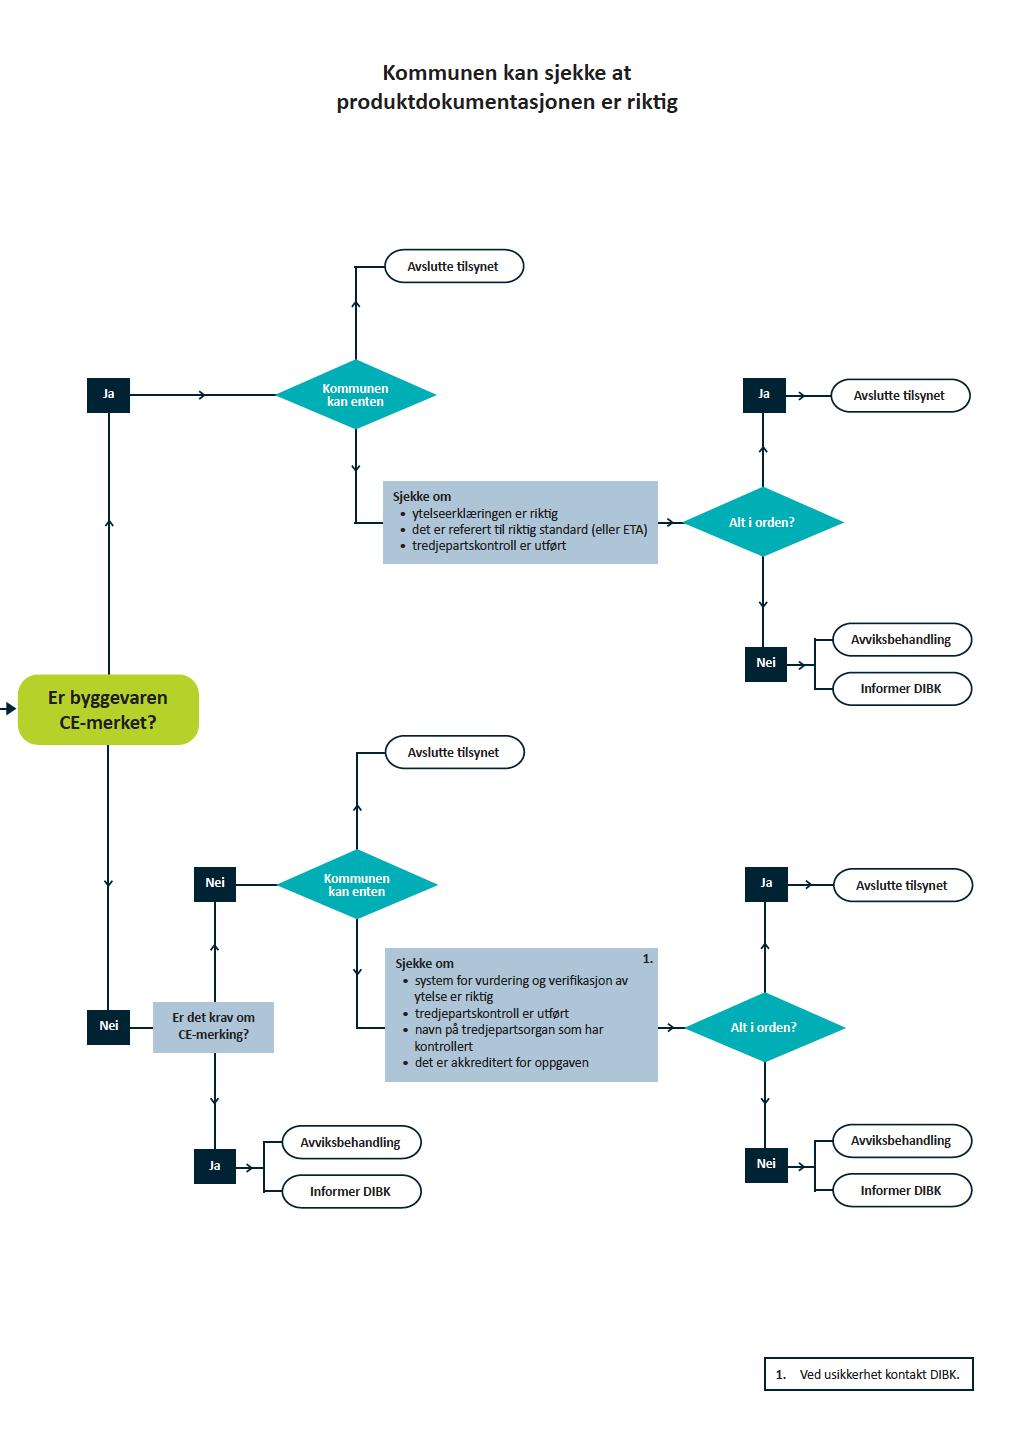 Flytdiagrammet viser metode for dypere gjennomgang av produktdokumentasjon ved behov.